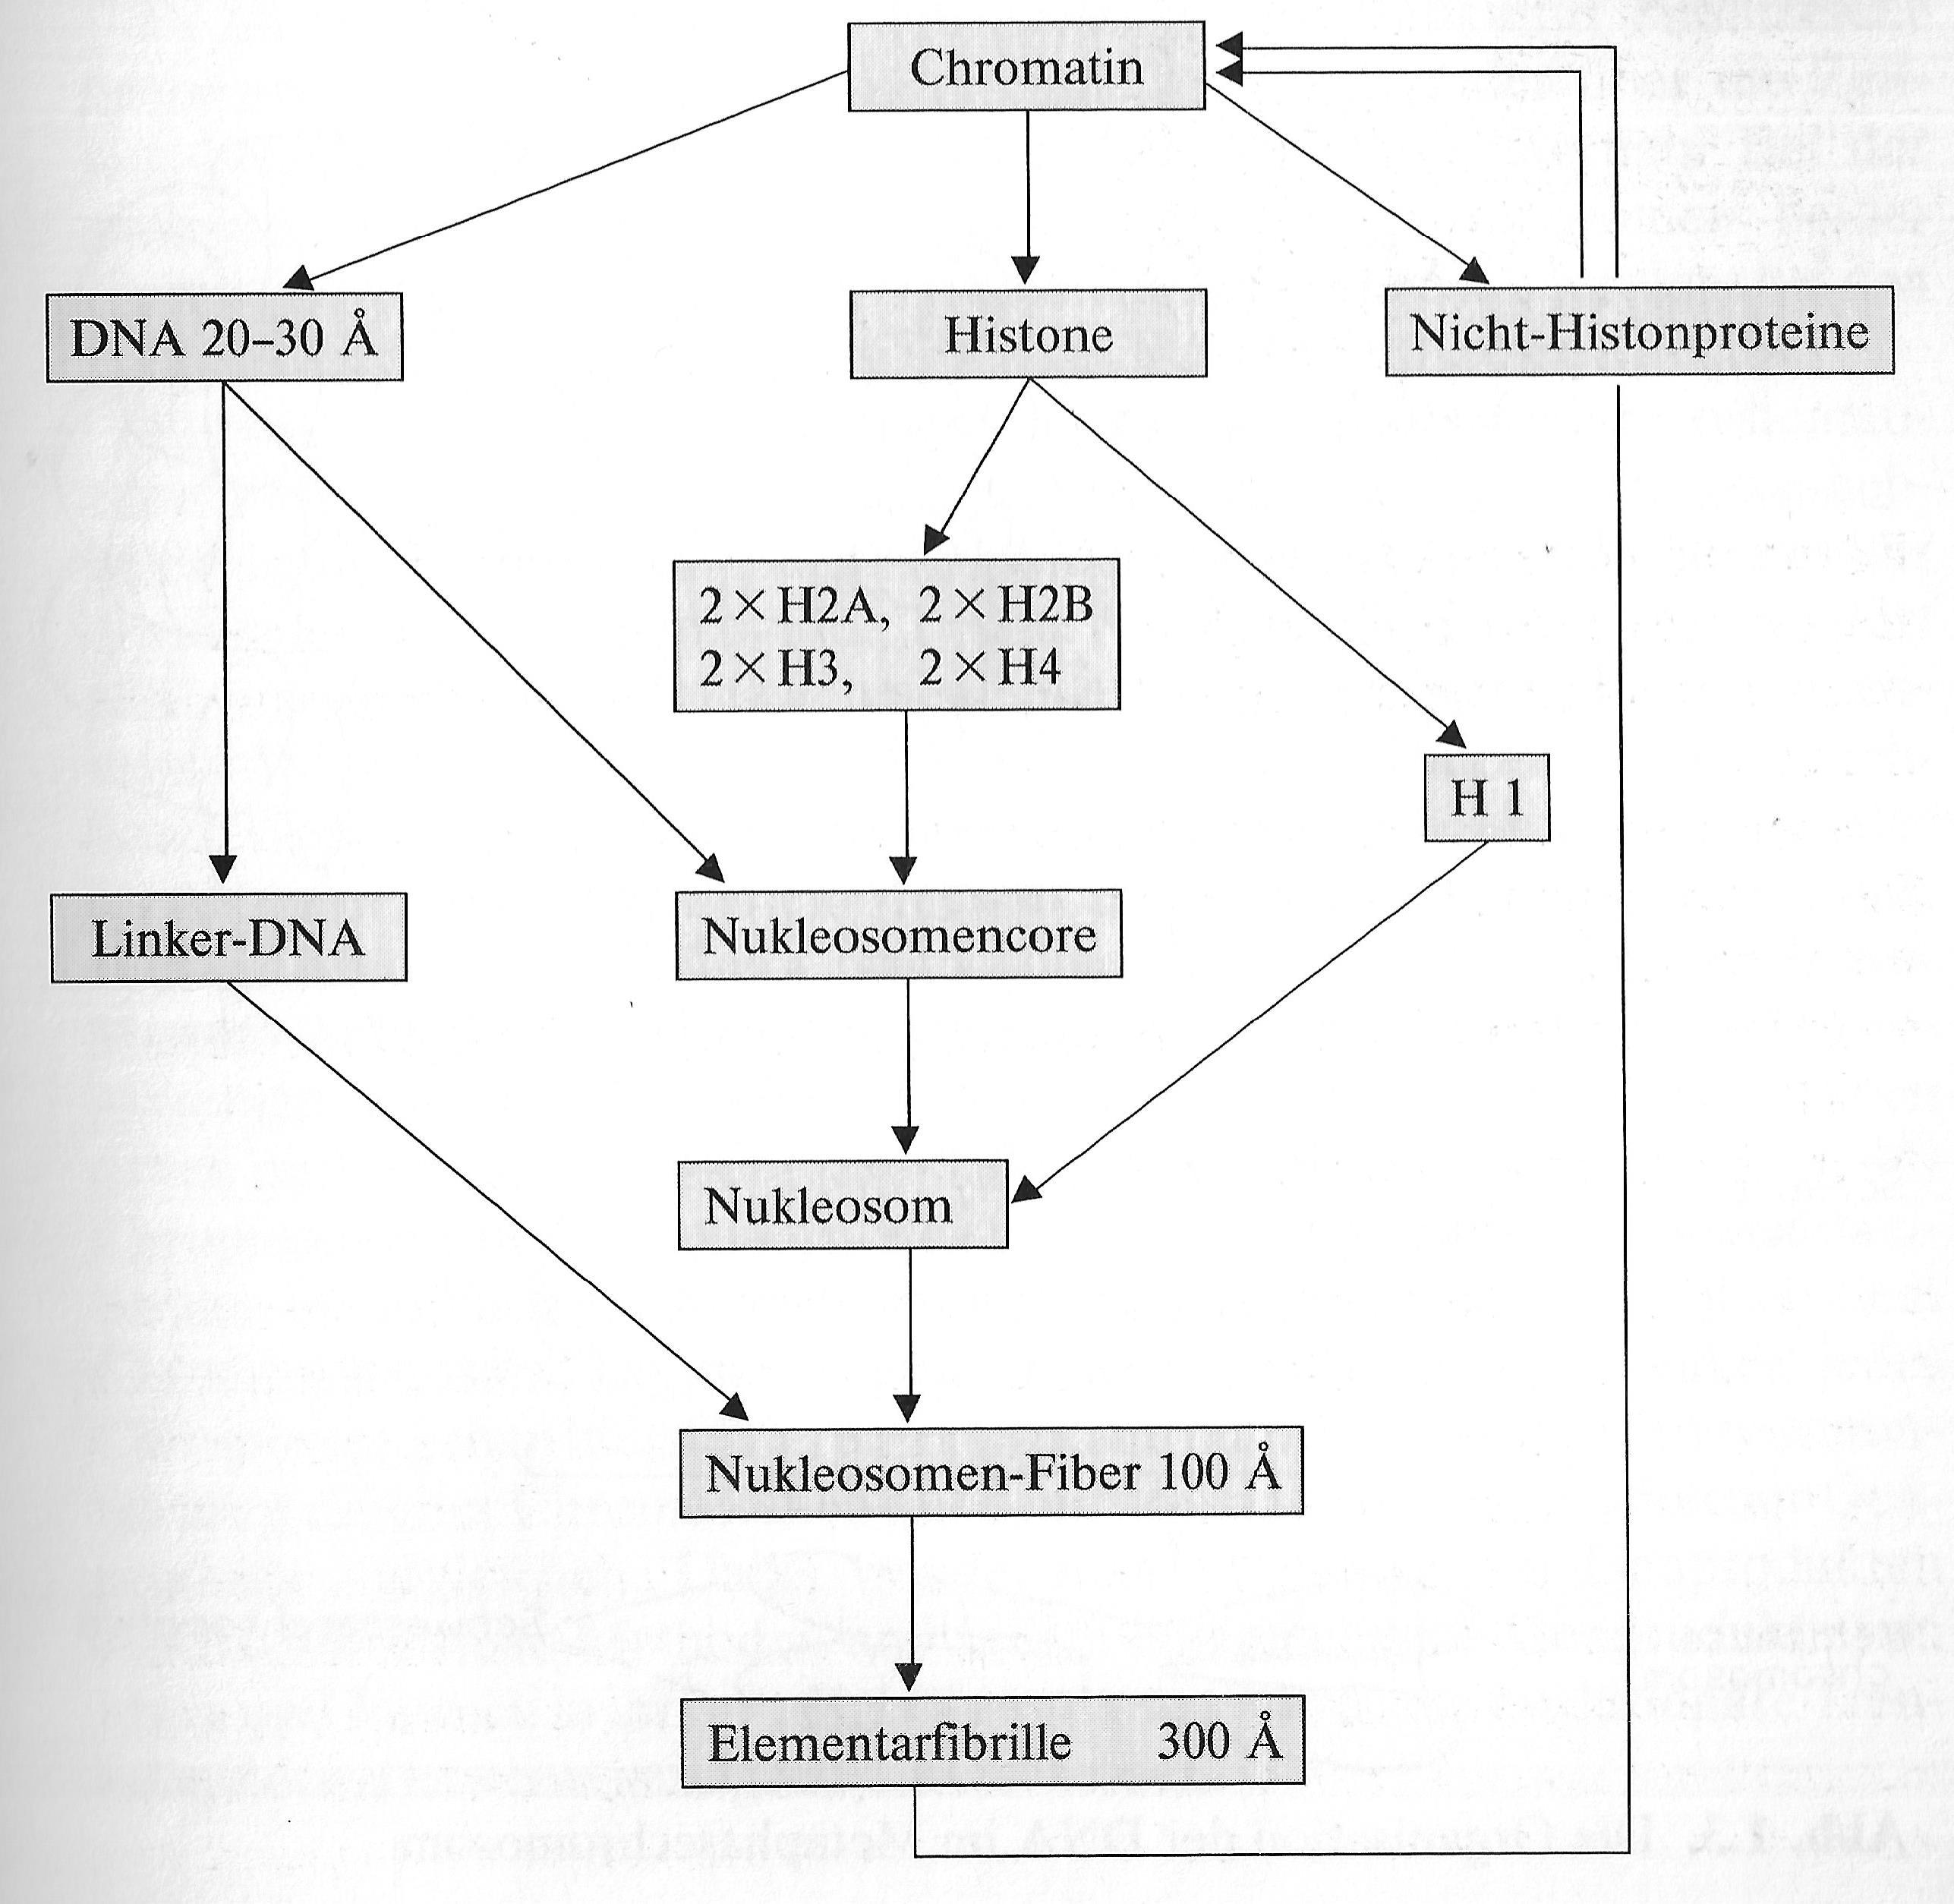 Struktur des Chromatins – Neubecks Seiten